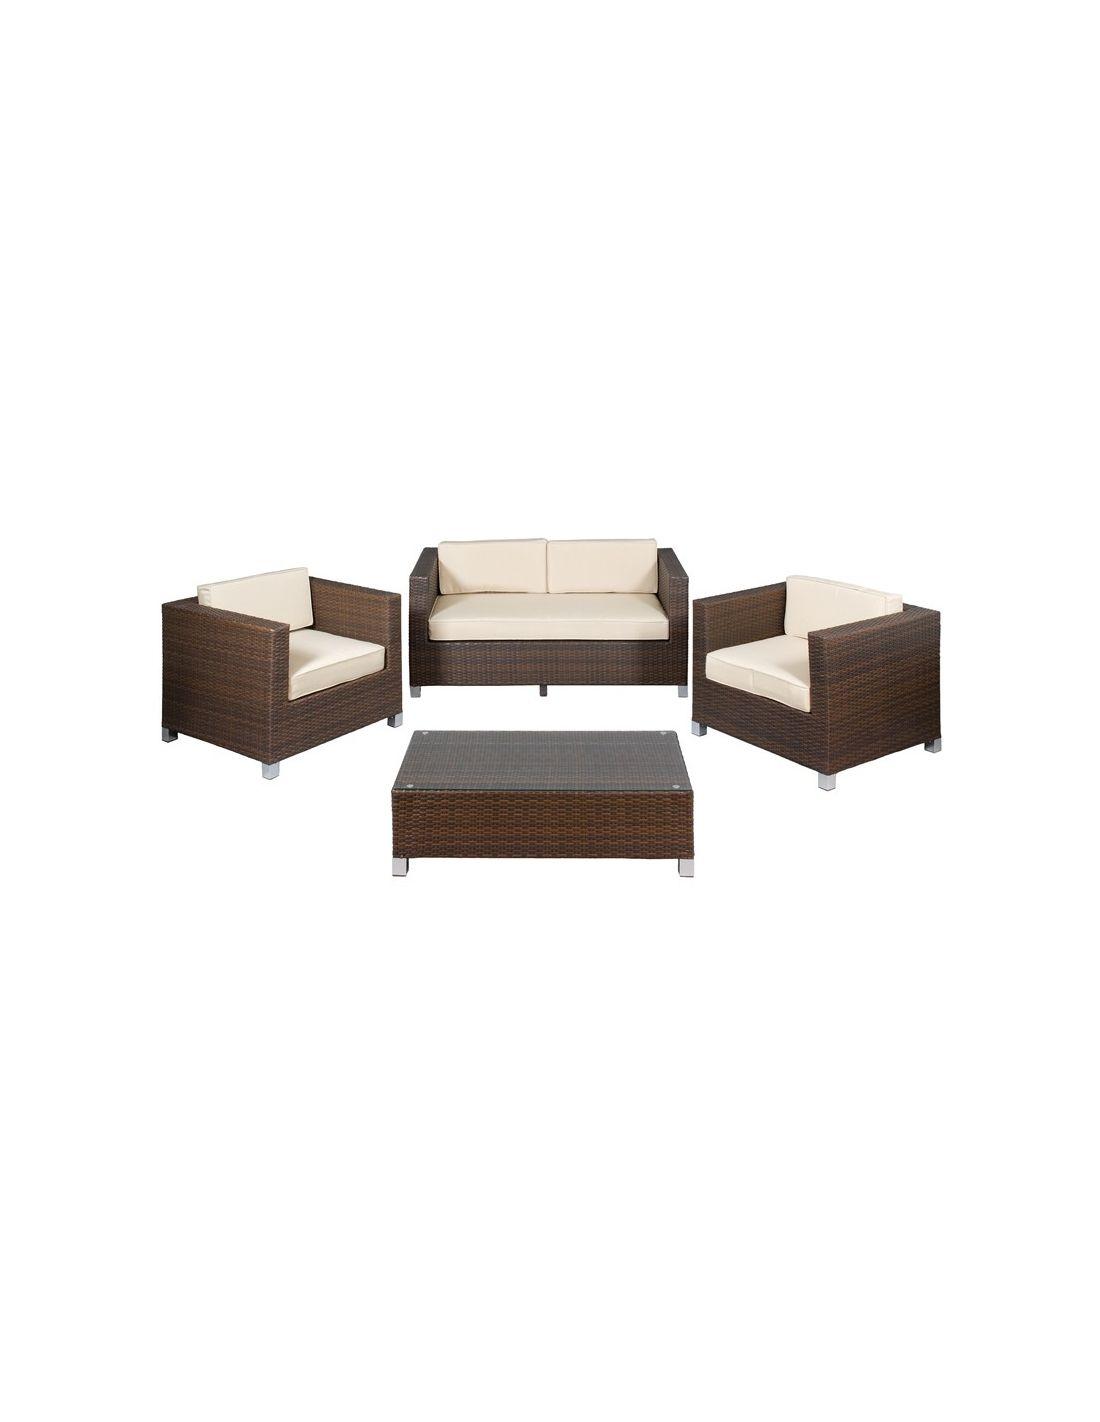 Muebles tifon sevilla best ofertas de la tienda home en el folleto de sevilla with muebles for Reto madrid recogida muebles